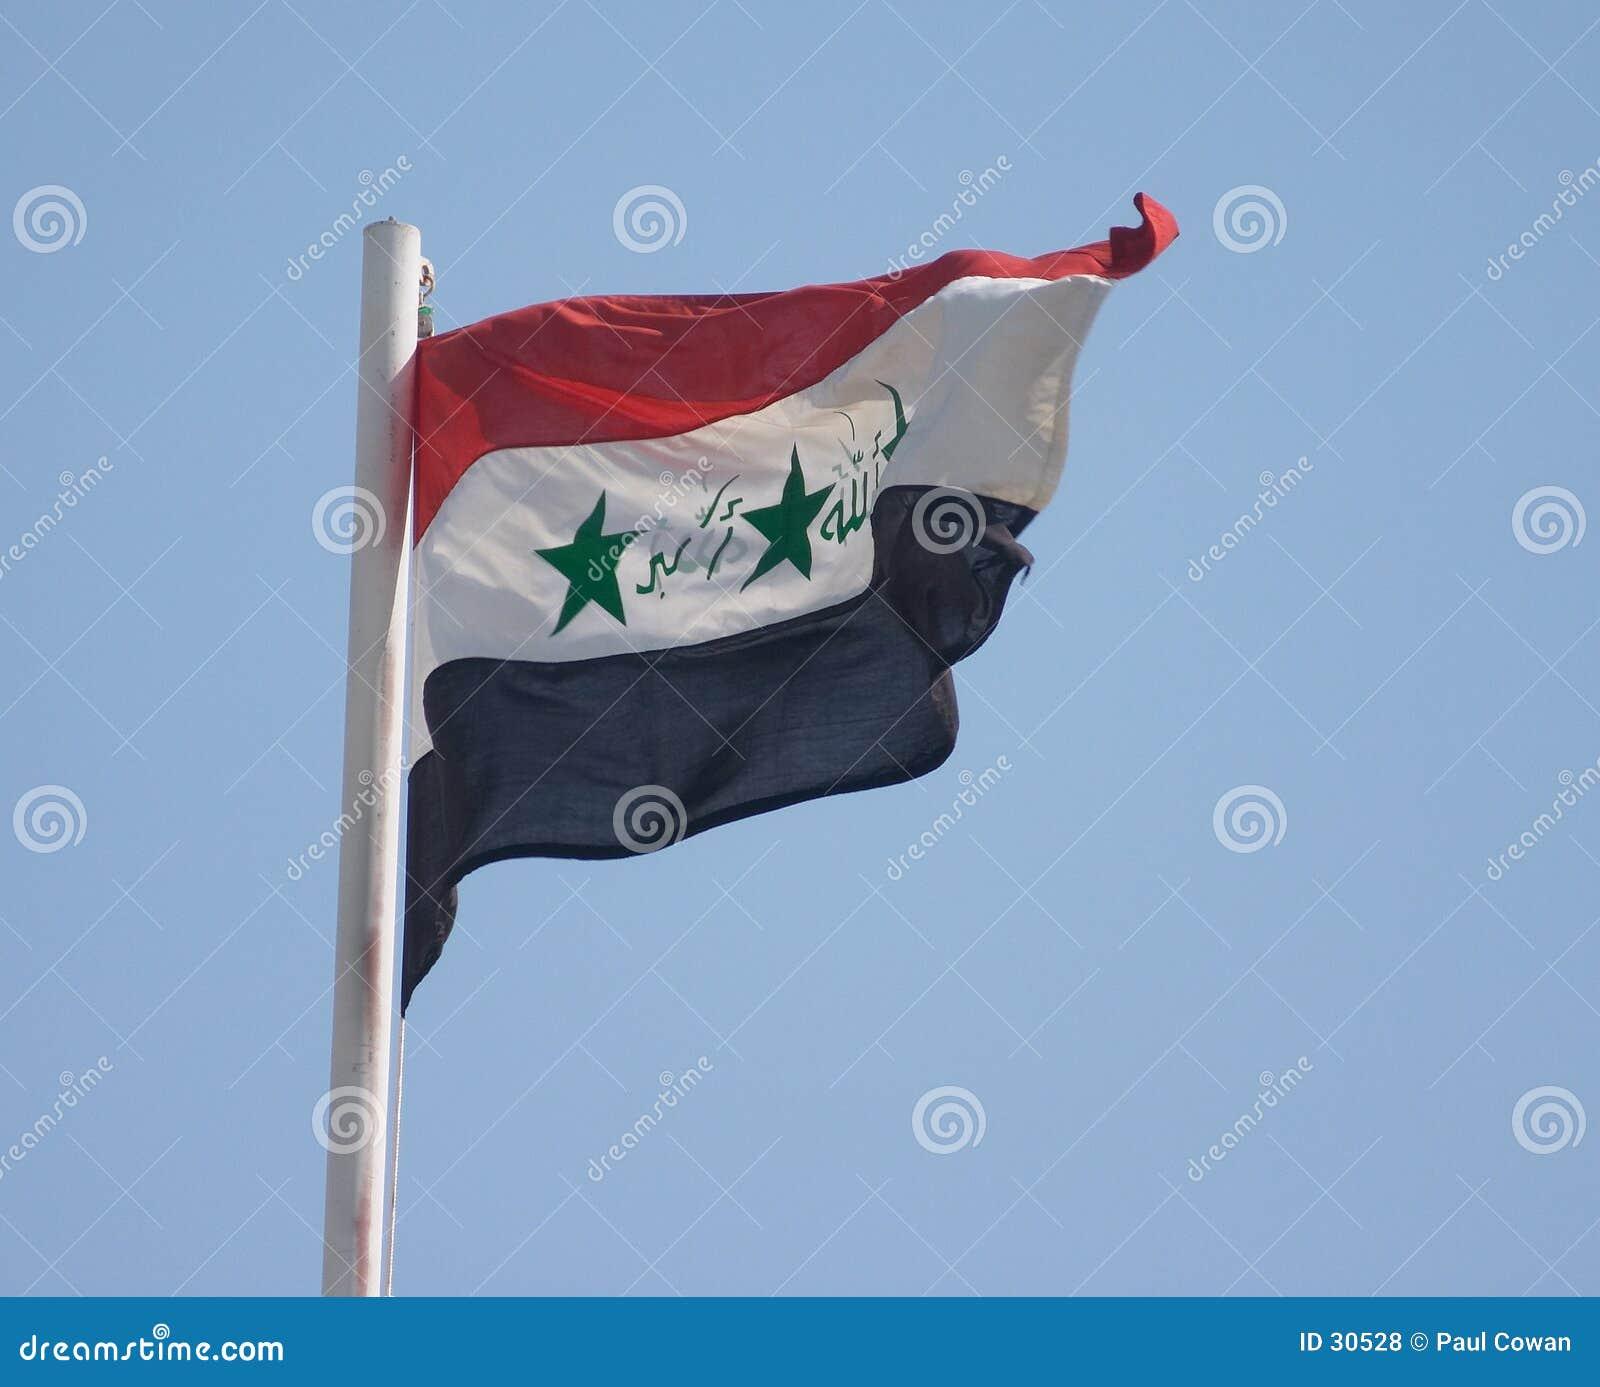 Indicador nacional iraquí